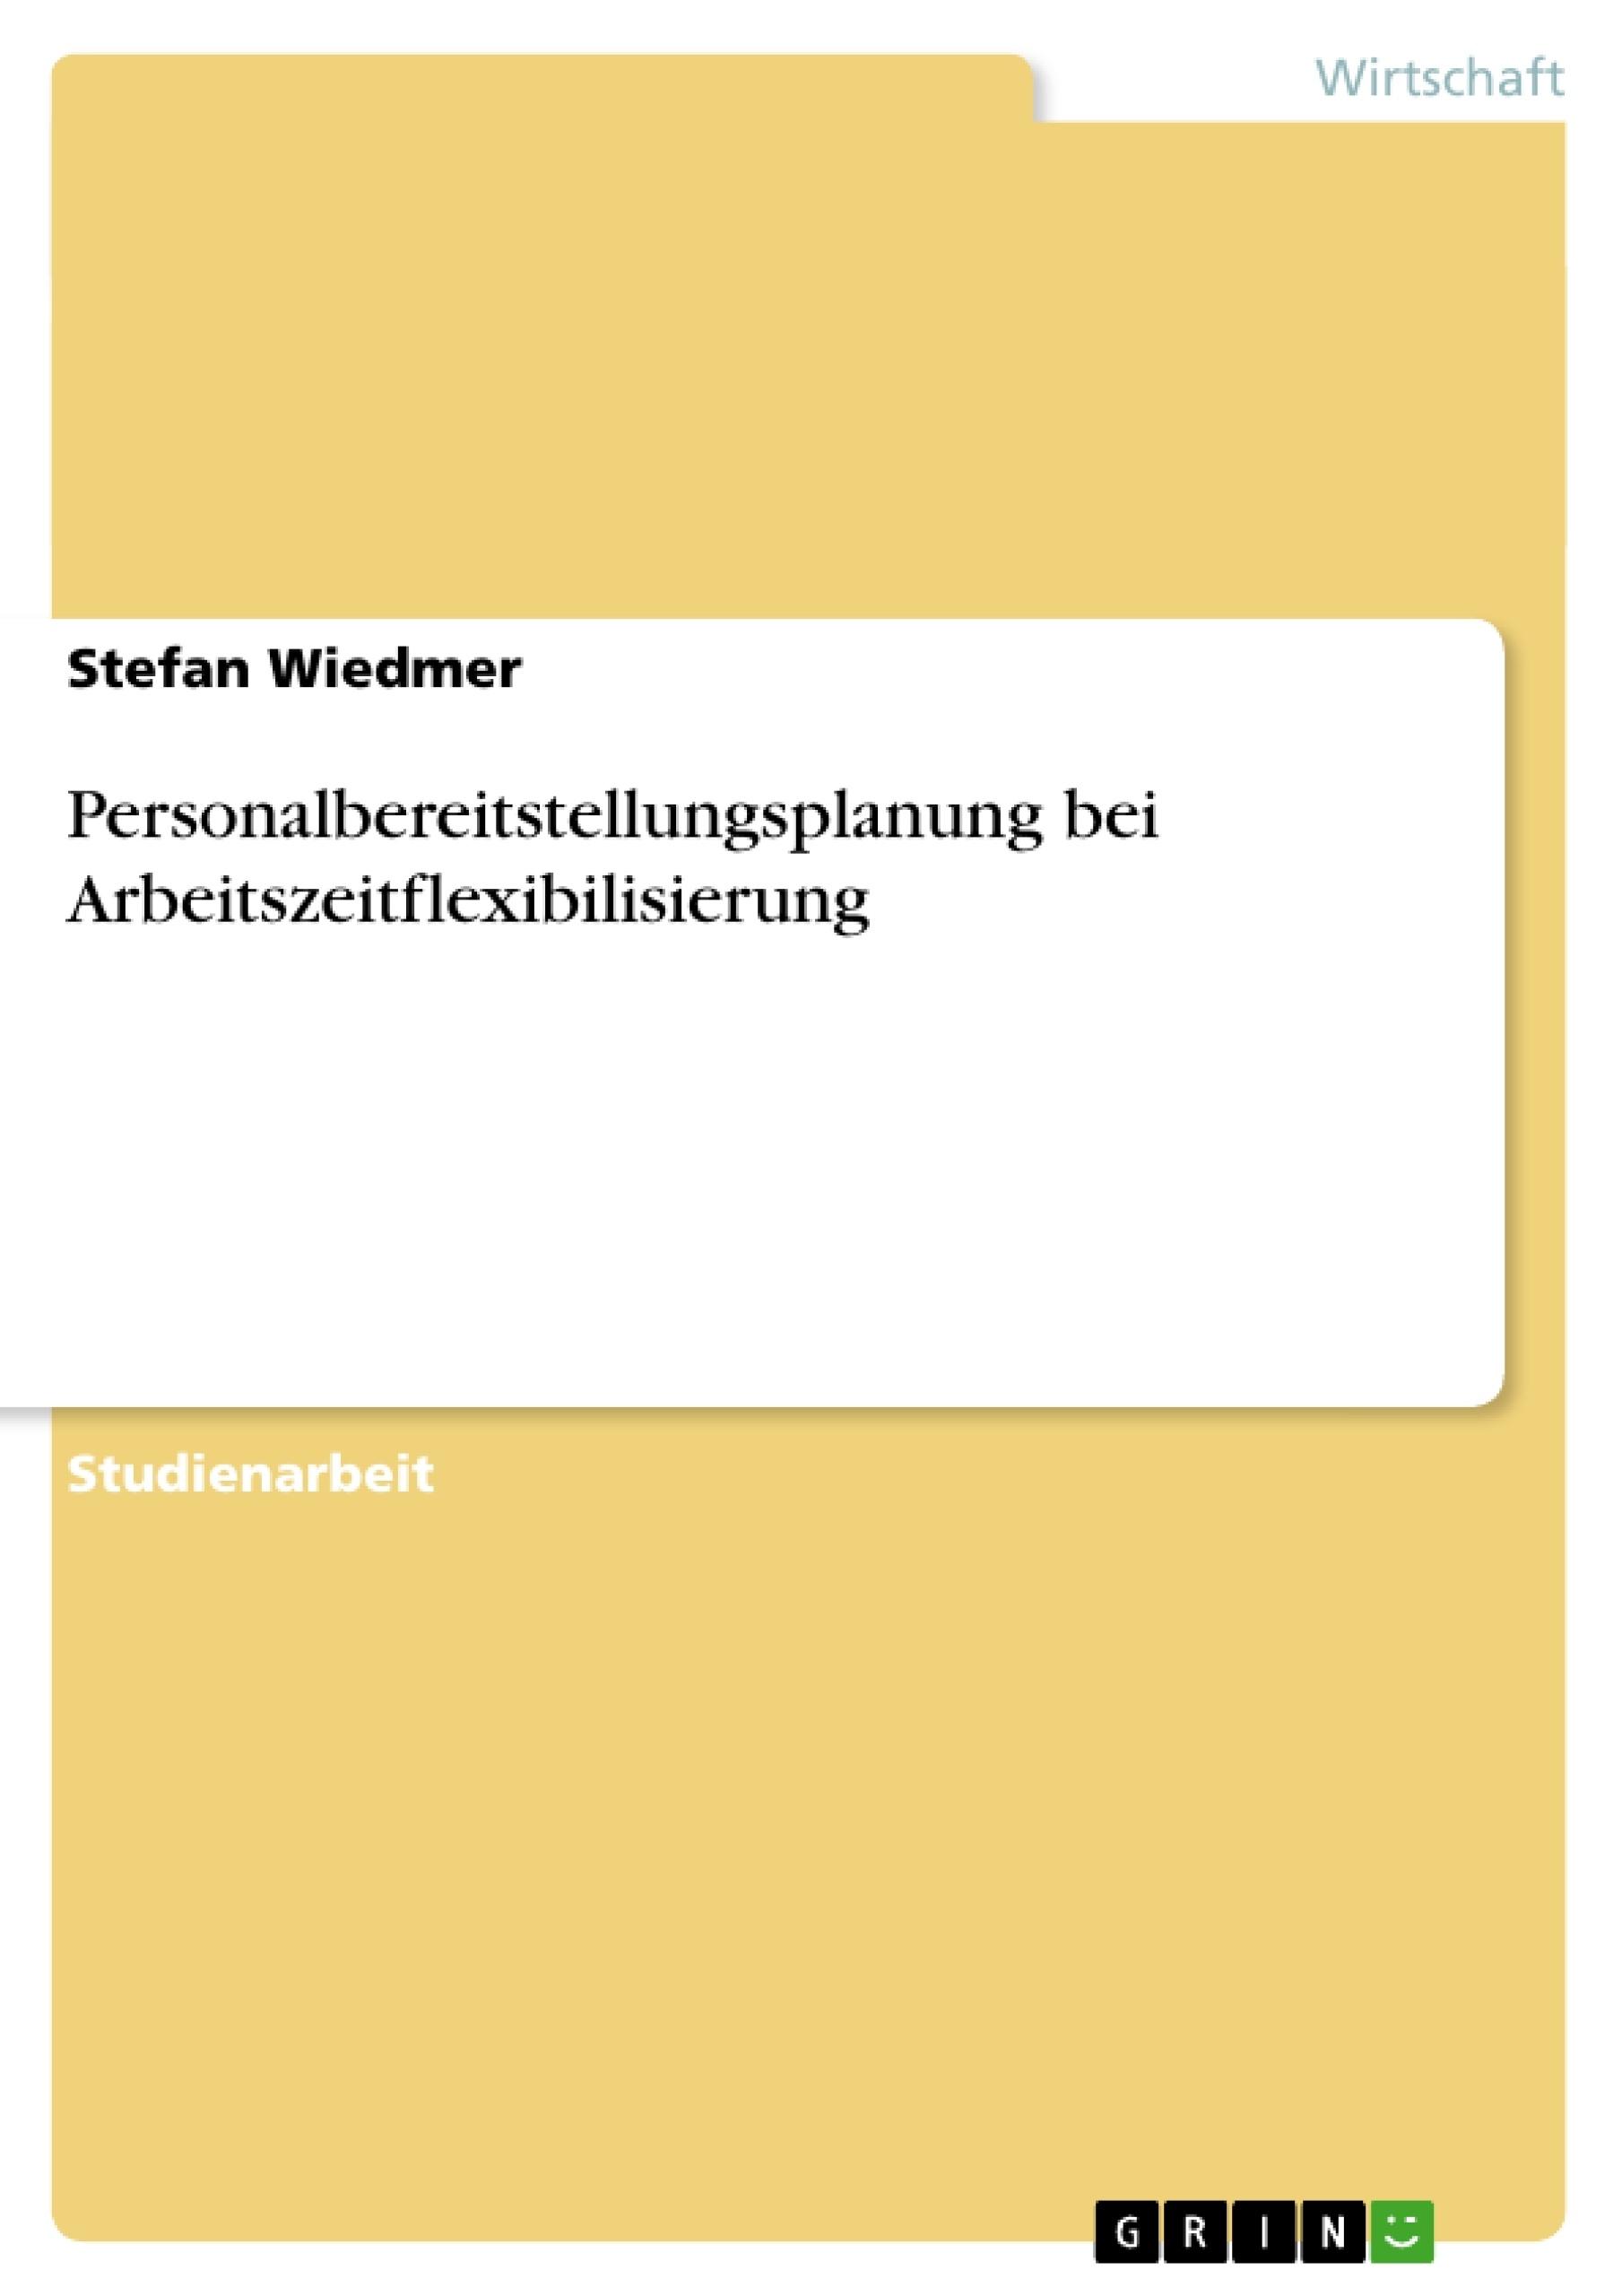 Titel: Personalbereitstellungsplanung bei Arbeitszeitflexibilisierung